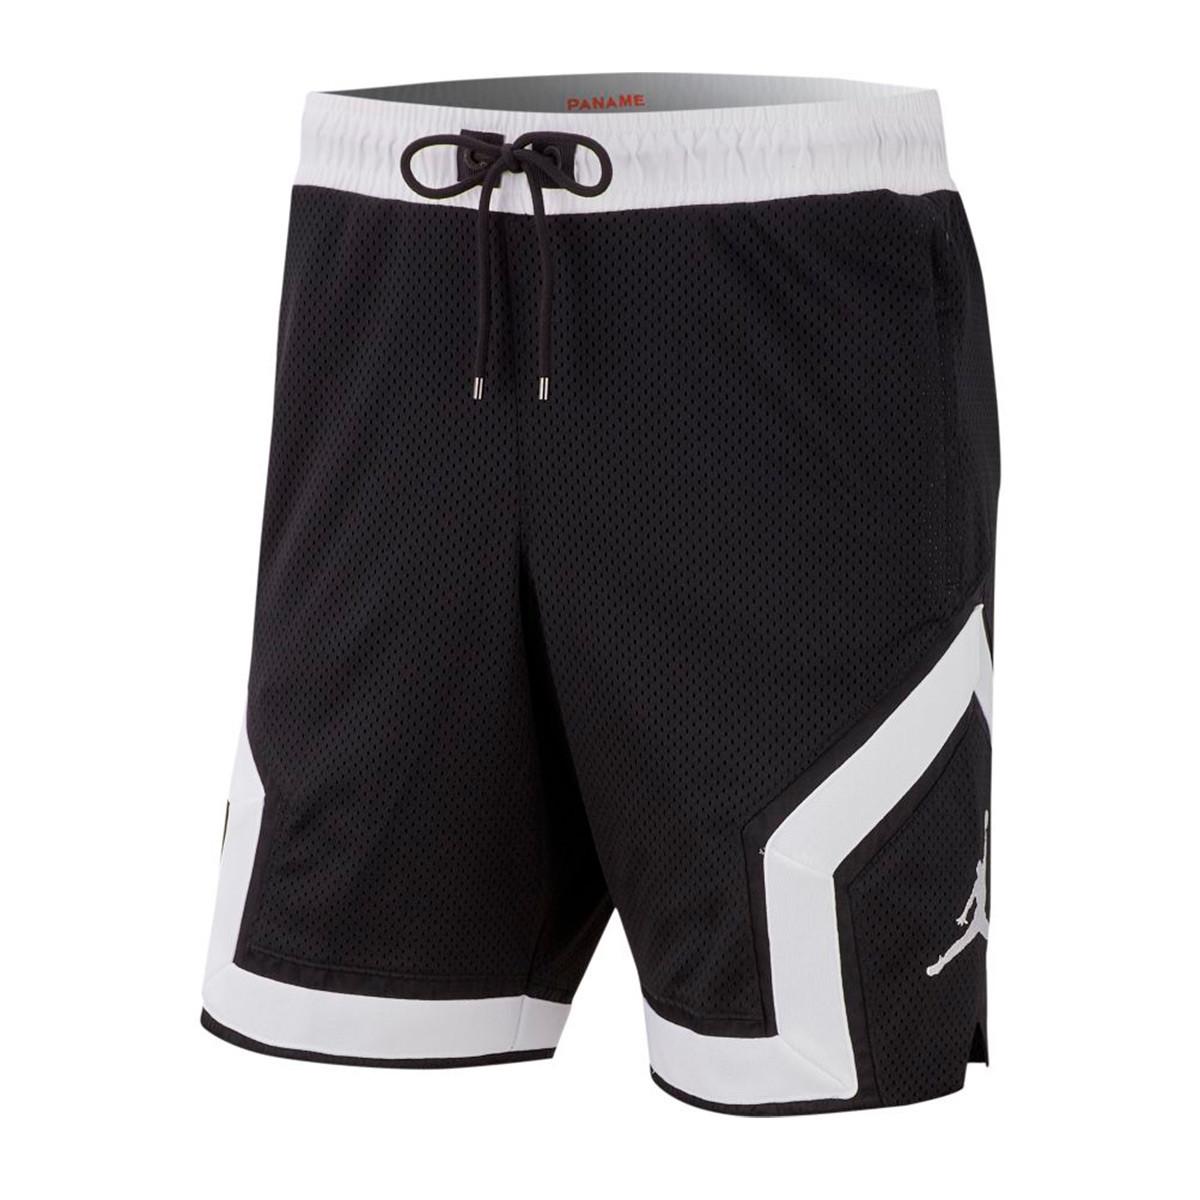 super cheap various styles pre order Nike Paris Saint-Germain Jordan Diamond 2019-2020 Shorts